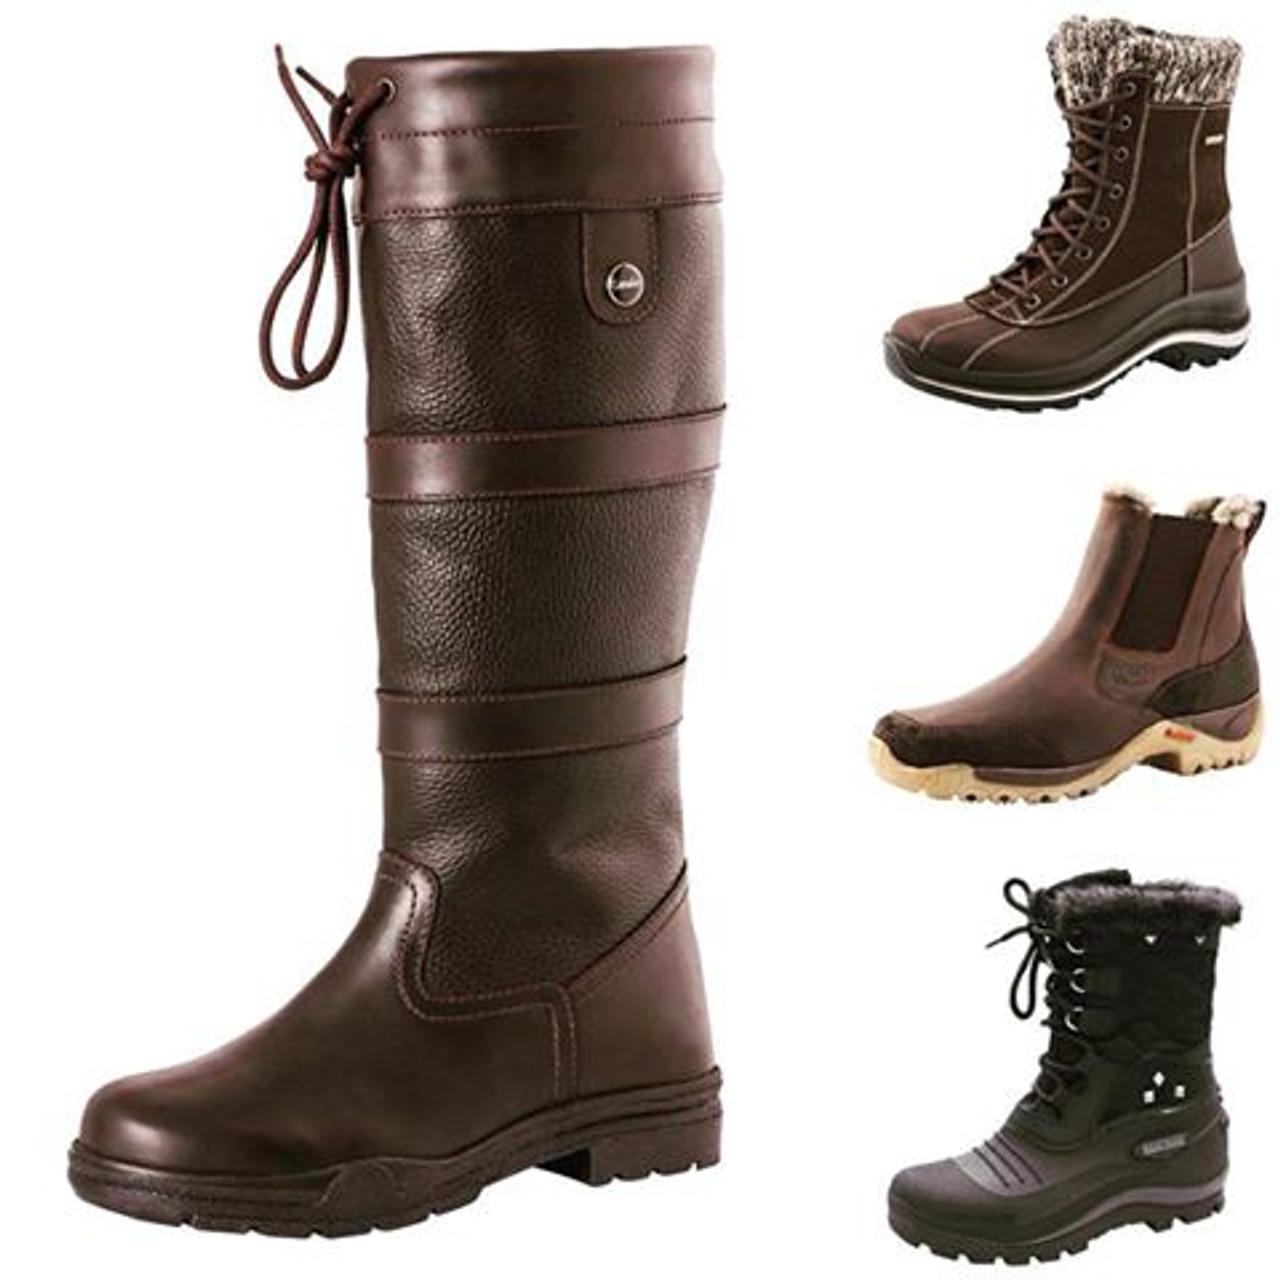 Paddock Wear Boots